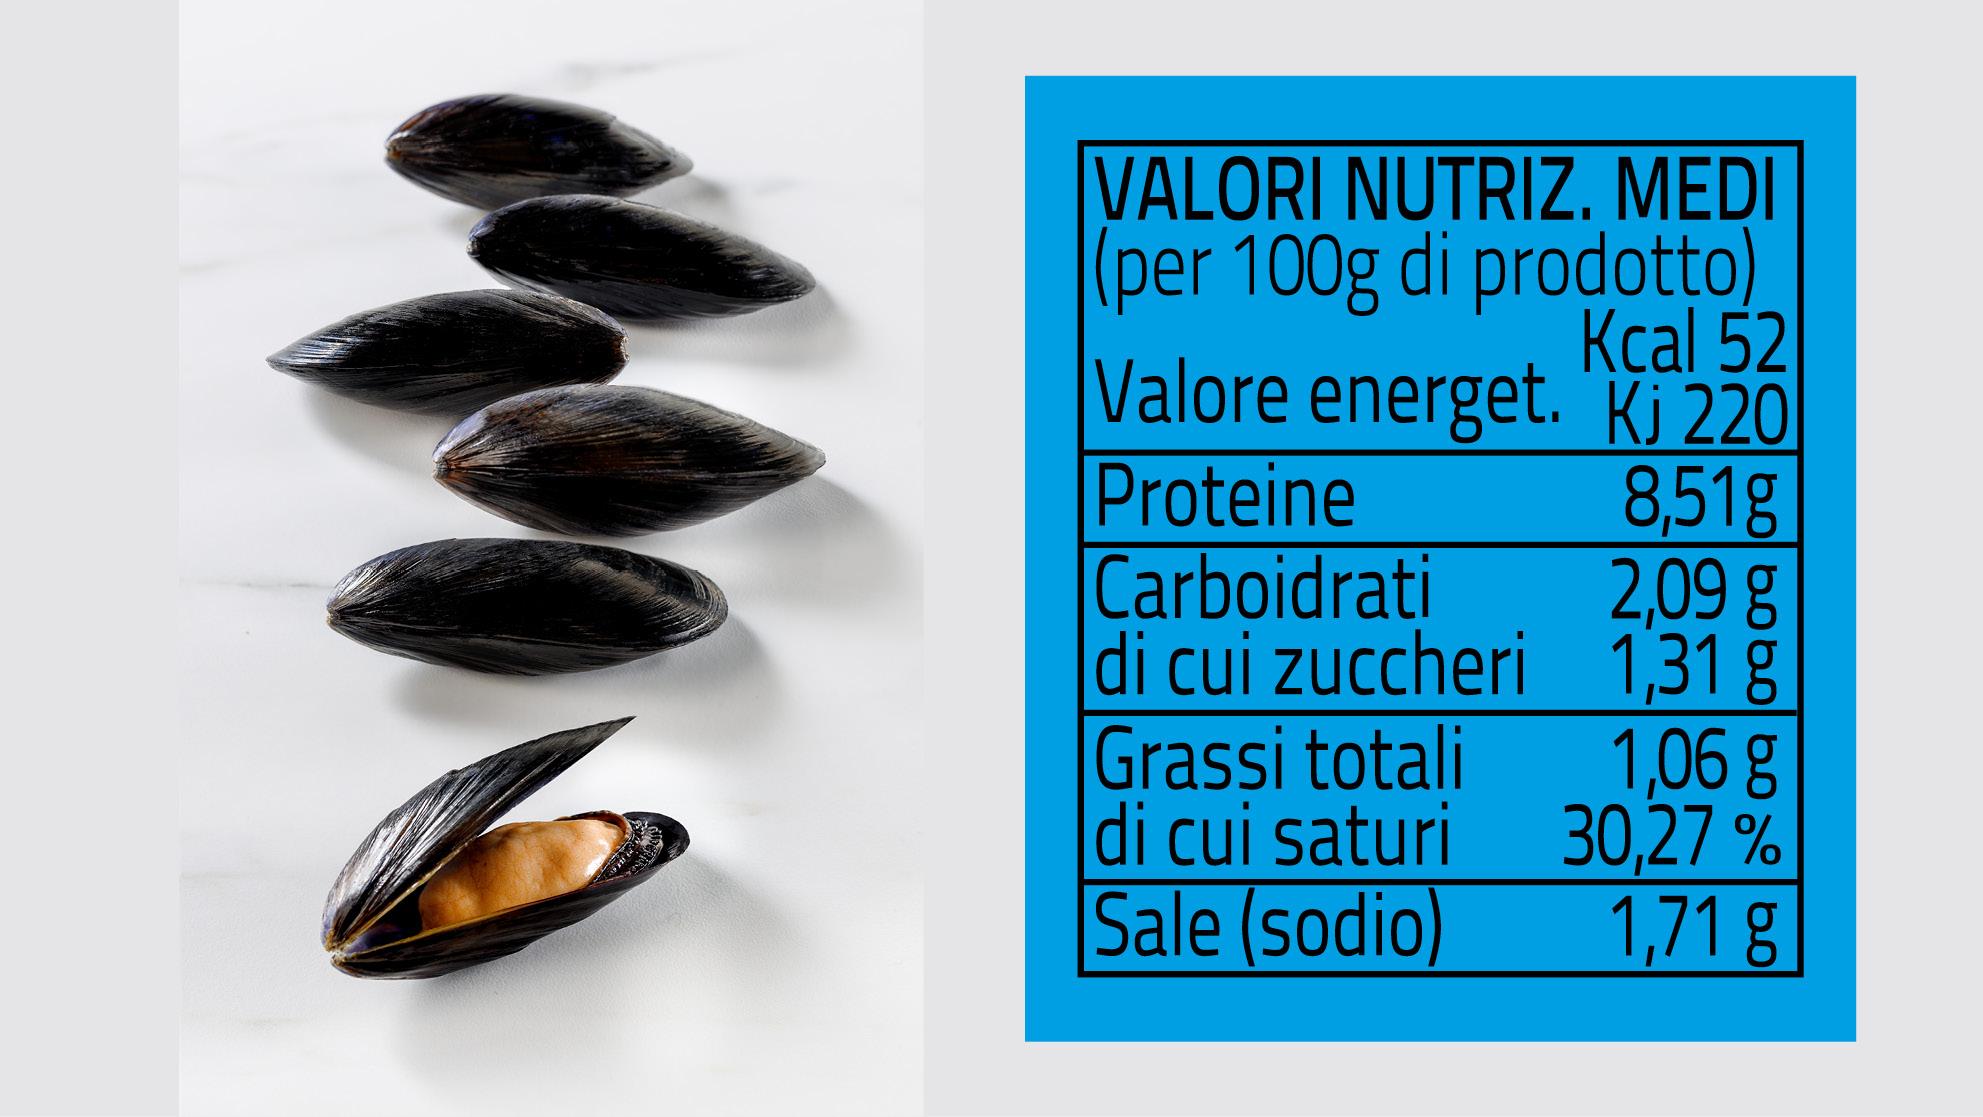 Cozze e non solo: calorie e valori nutrizionali.